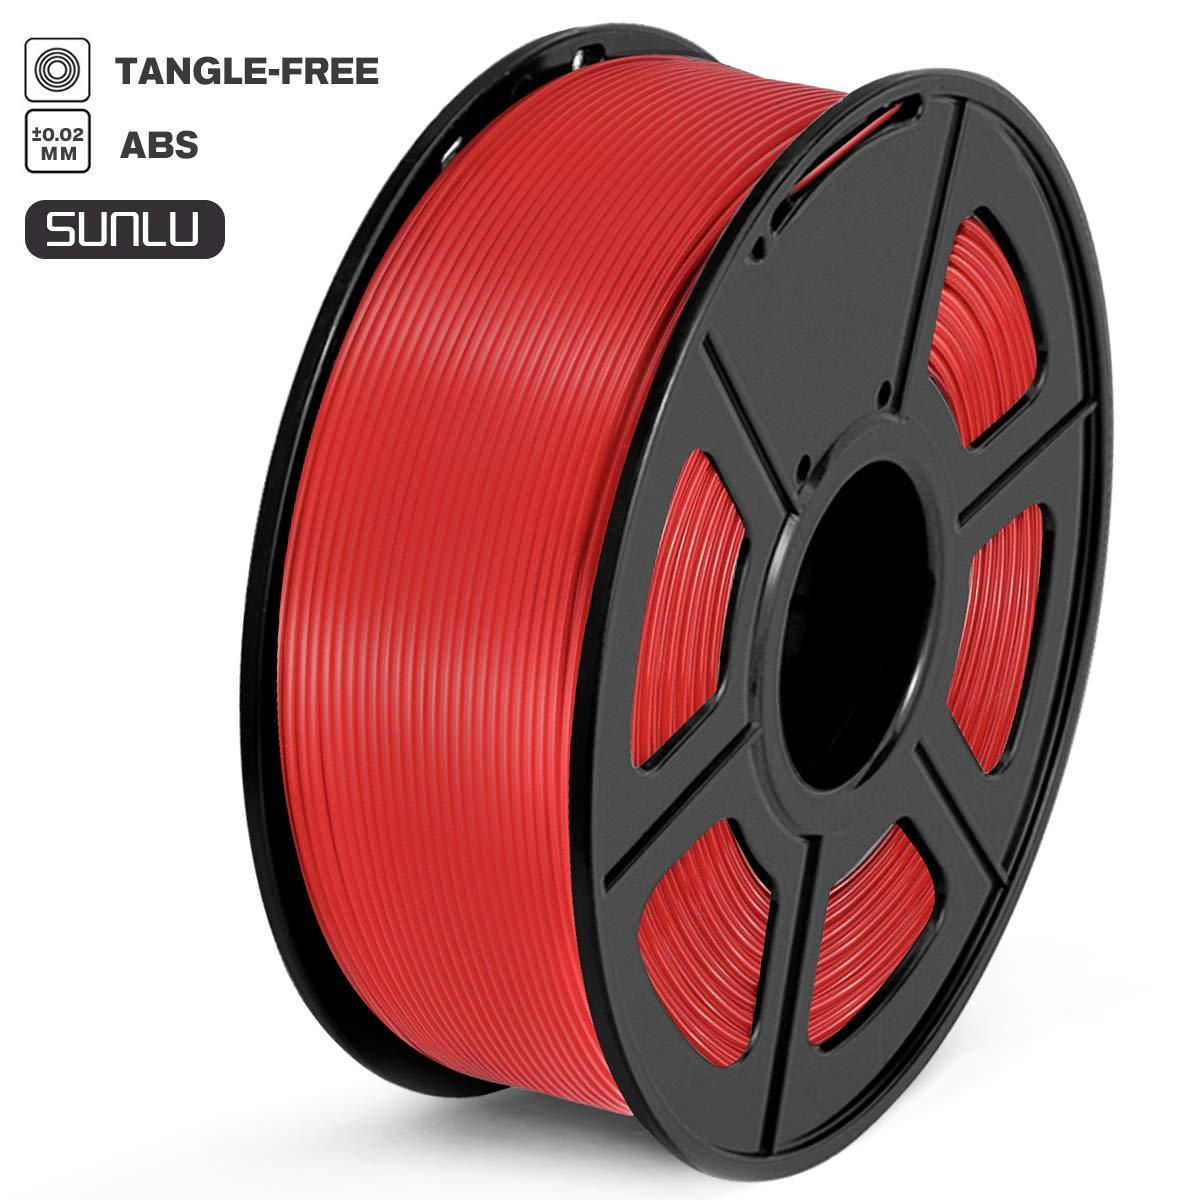 Imprimante 3D ABS Filament 1kg Spool ABS transparent SUNLU Filament ABS 1.75mm Pr/écision dimensionnelle +//-0.02 mm